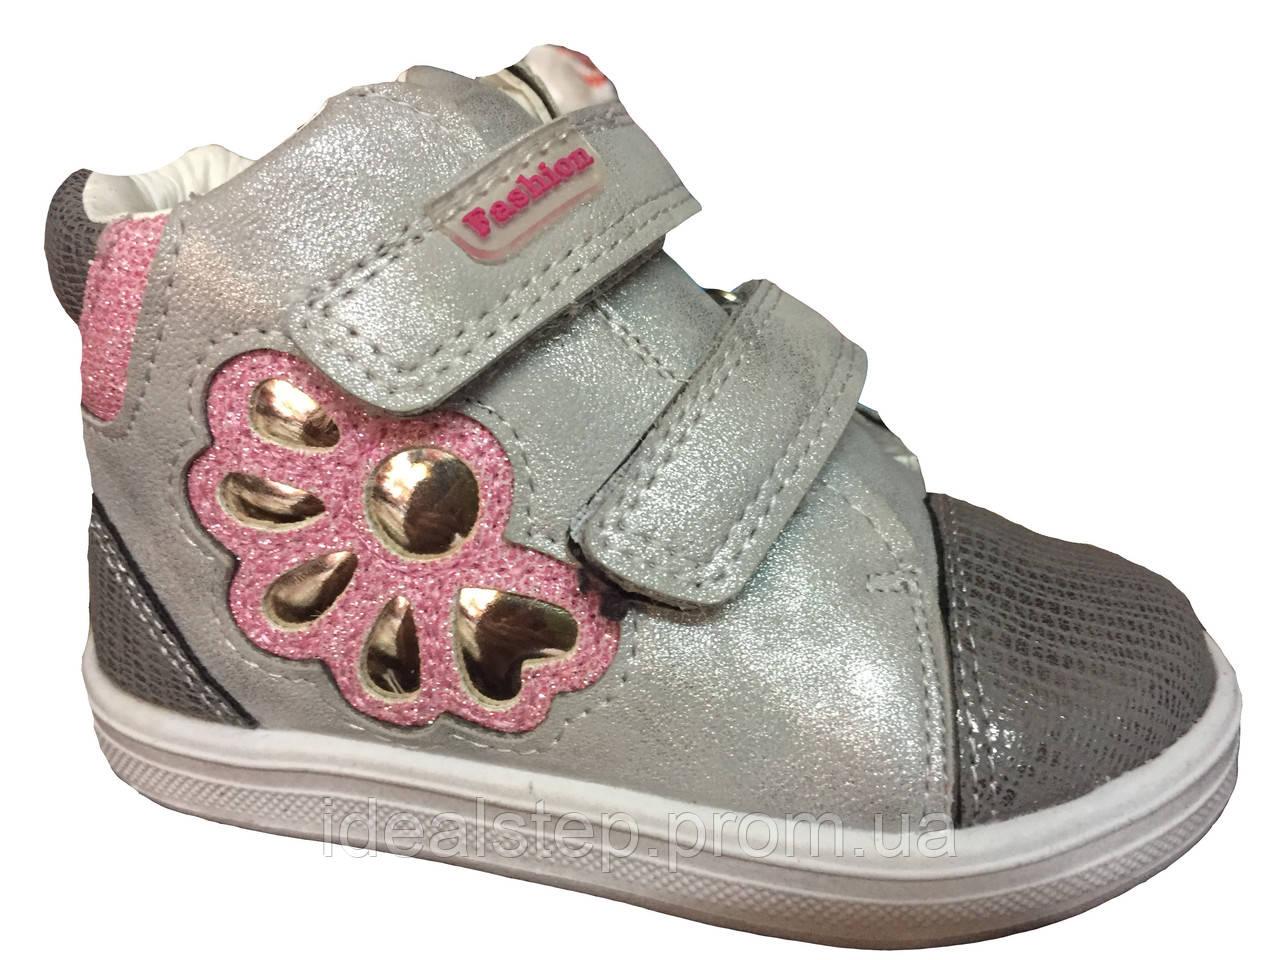 Ботинки для девочки(демо),24